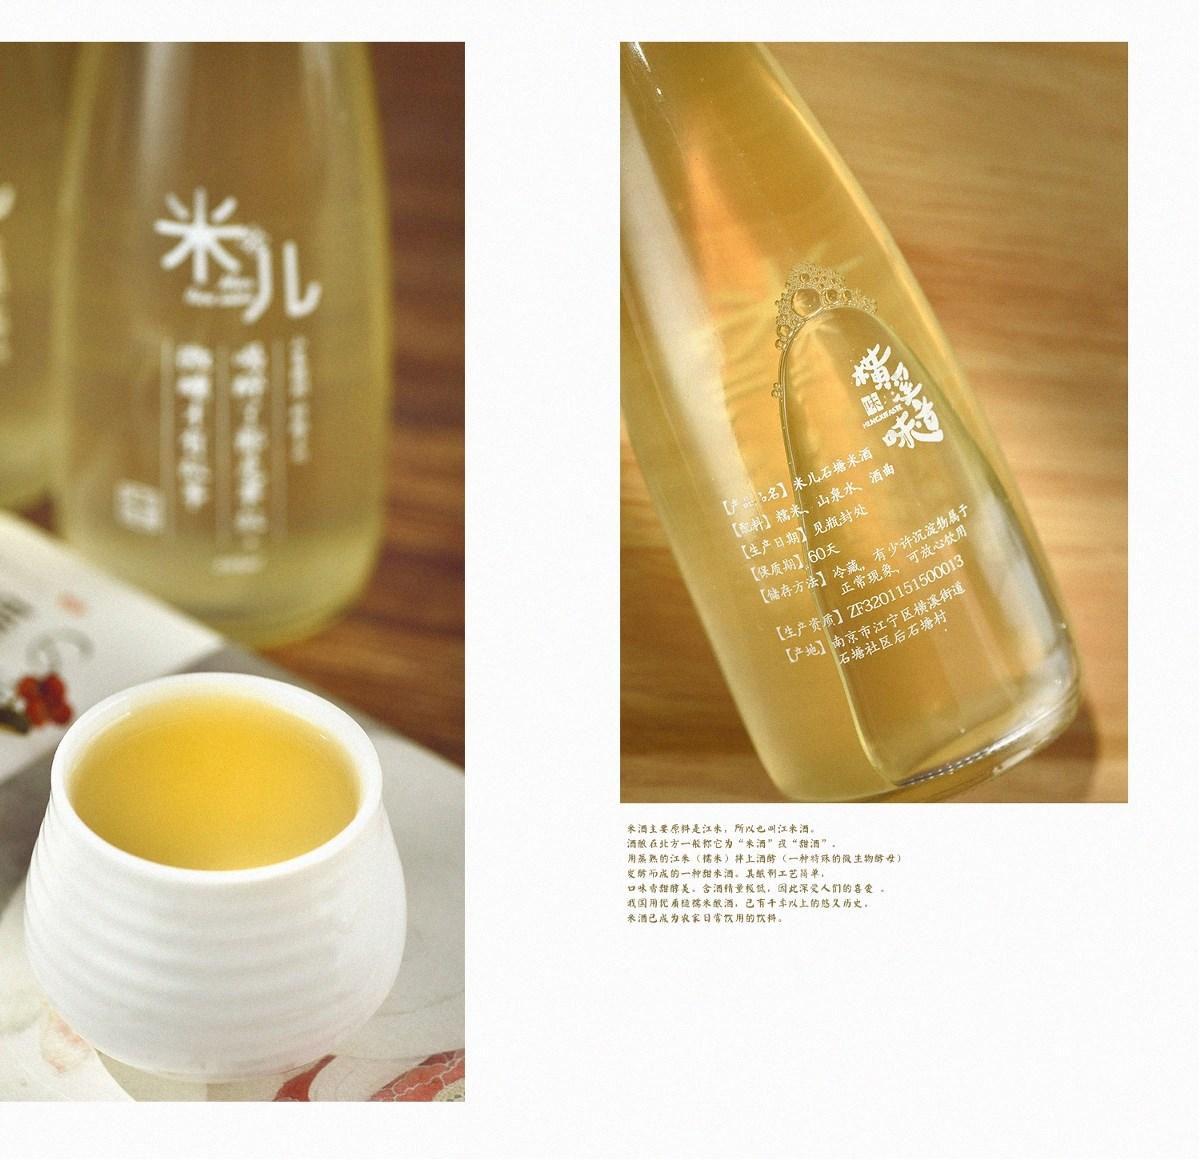 横溪旅游特产 米酒拍摄